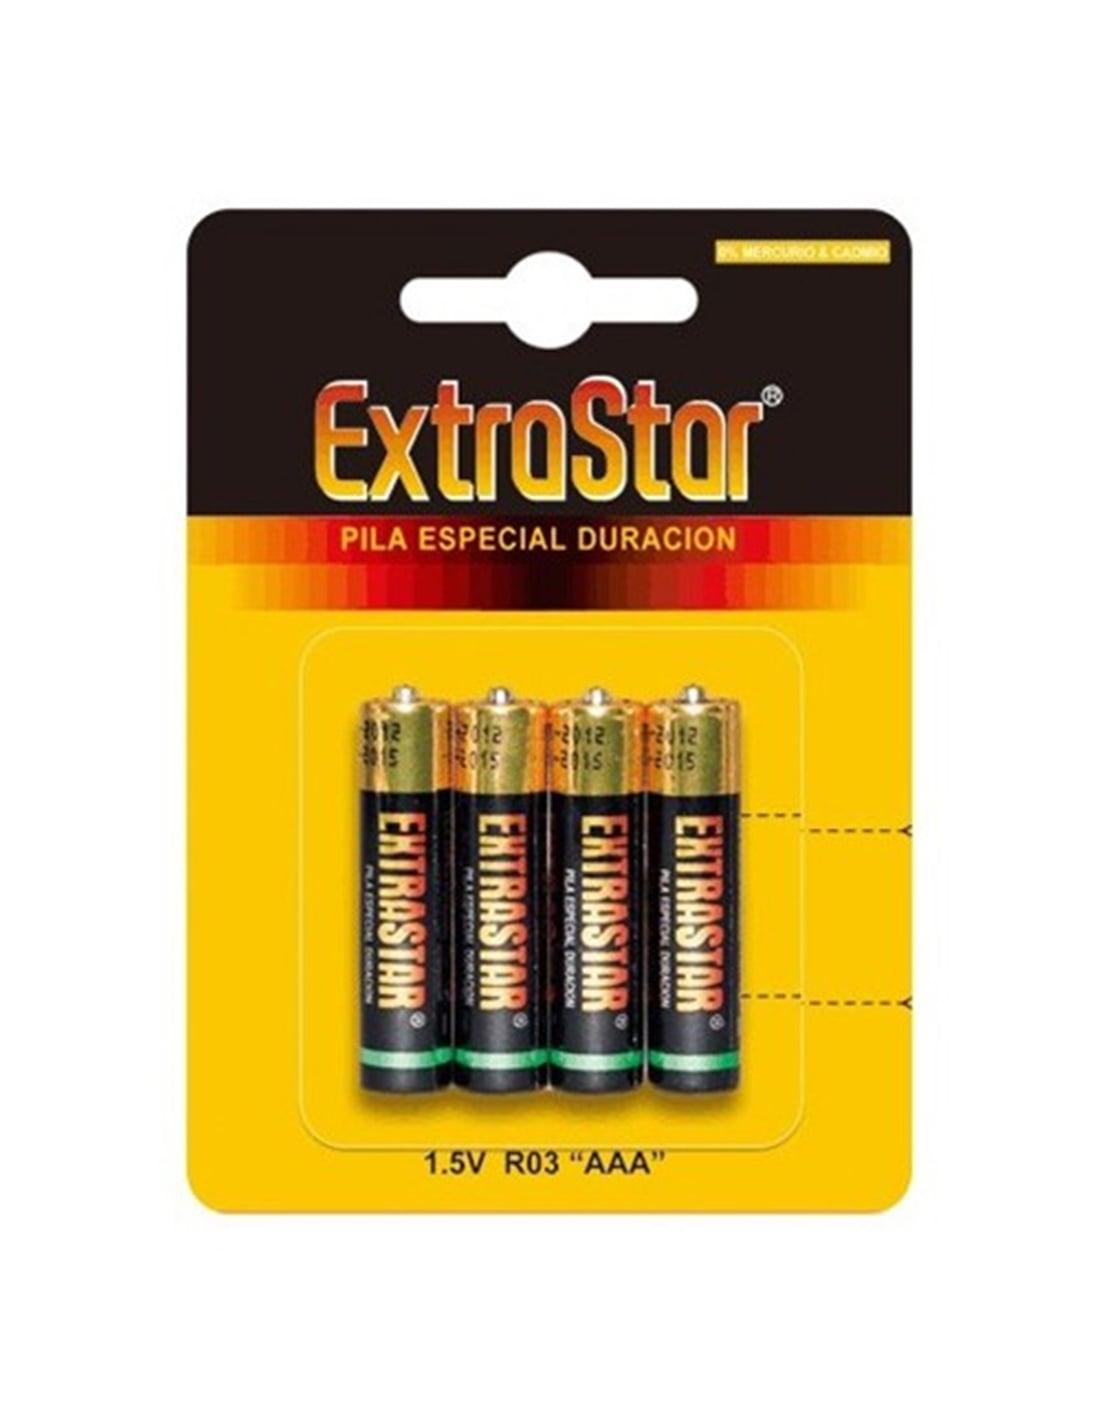 PR2010352176 - 4 Pilhas Aaa Extrastar-PR2010352176